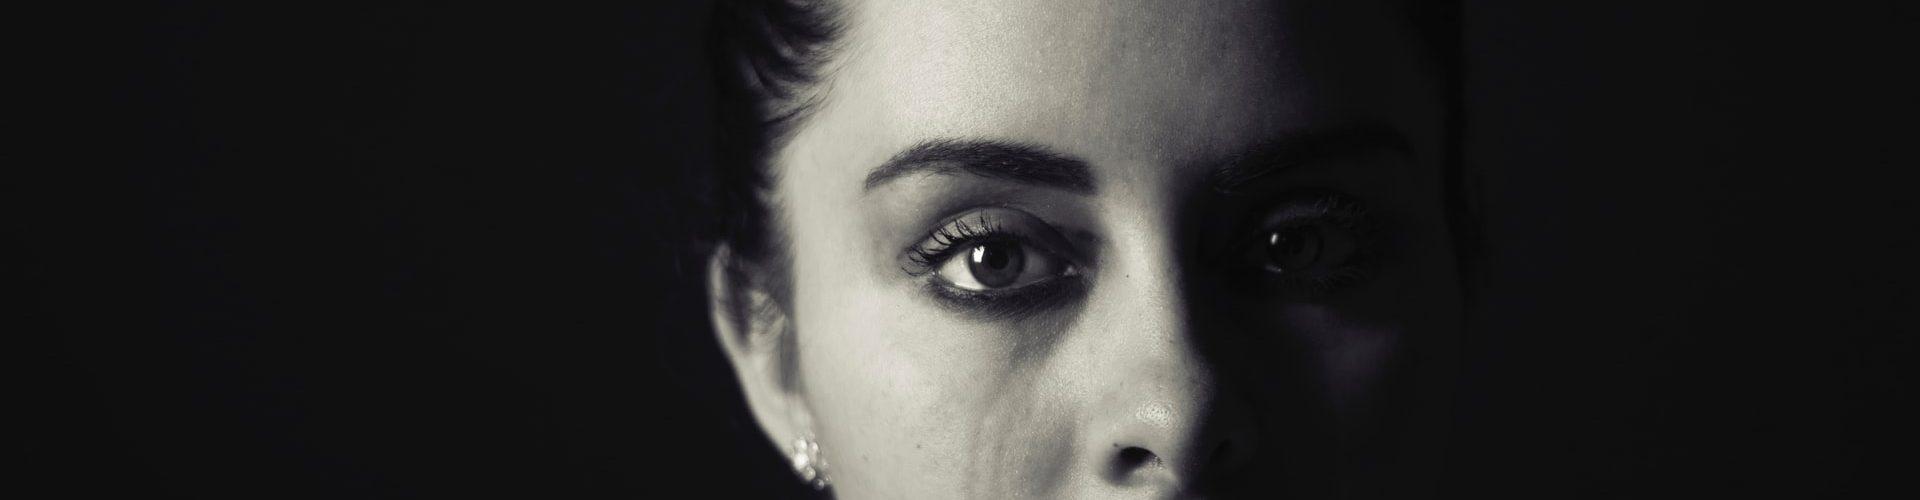 Kako nam plakanje može pomoći?